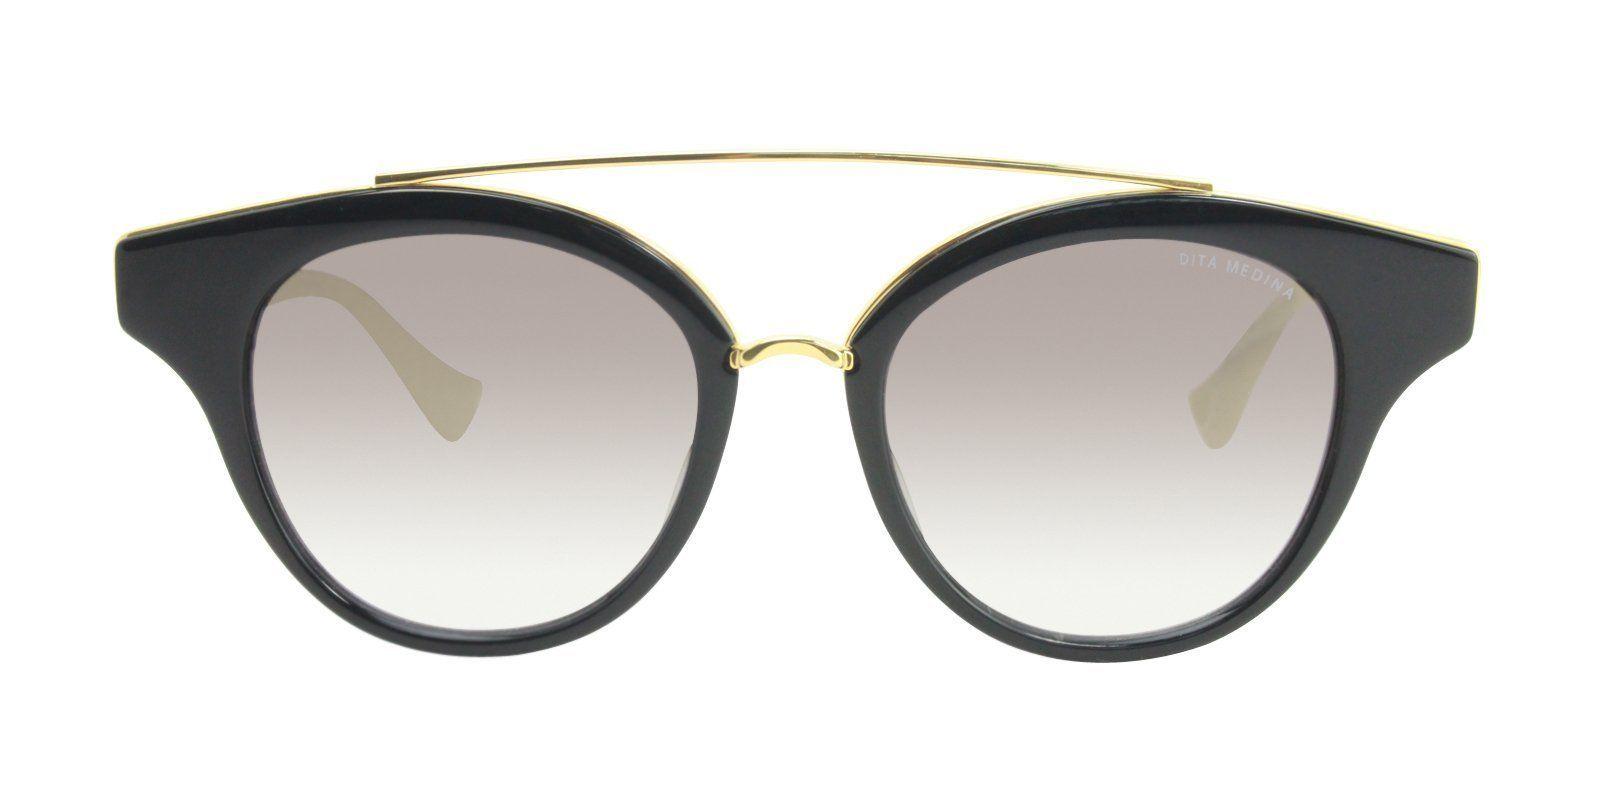 761d5054ec7 Dita - Medina Gold - Gold sunglasses